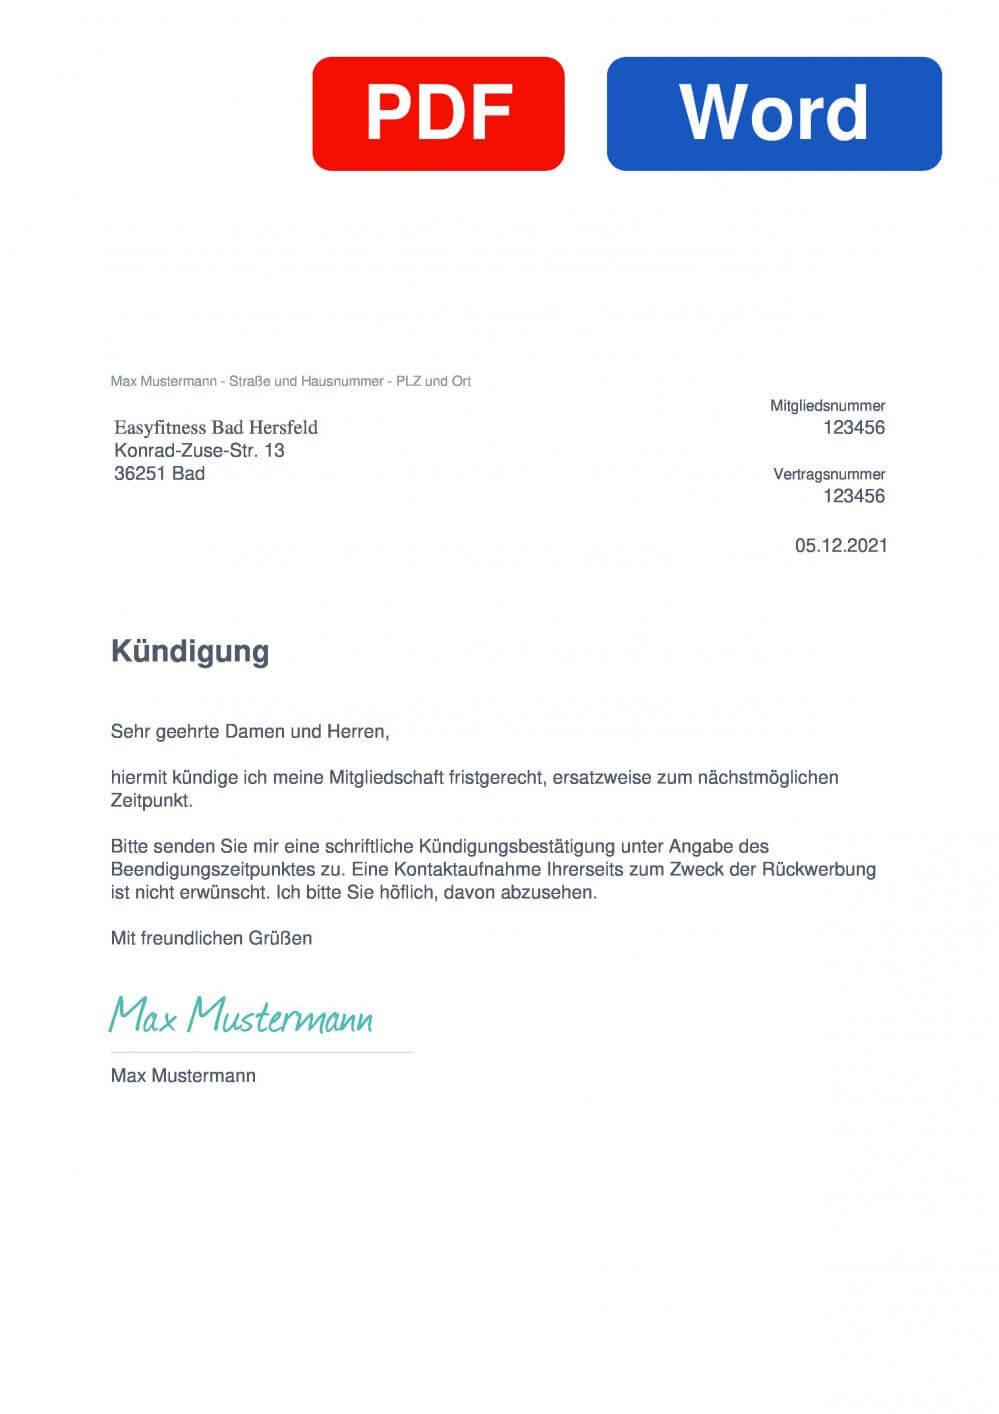 EASYFITNESS Bad Hersfeld Muster Vorlage für Kündigungsschreiben